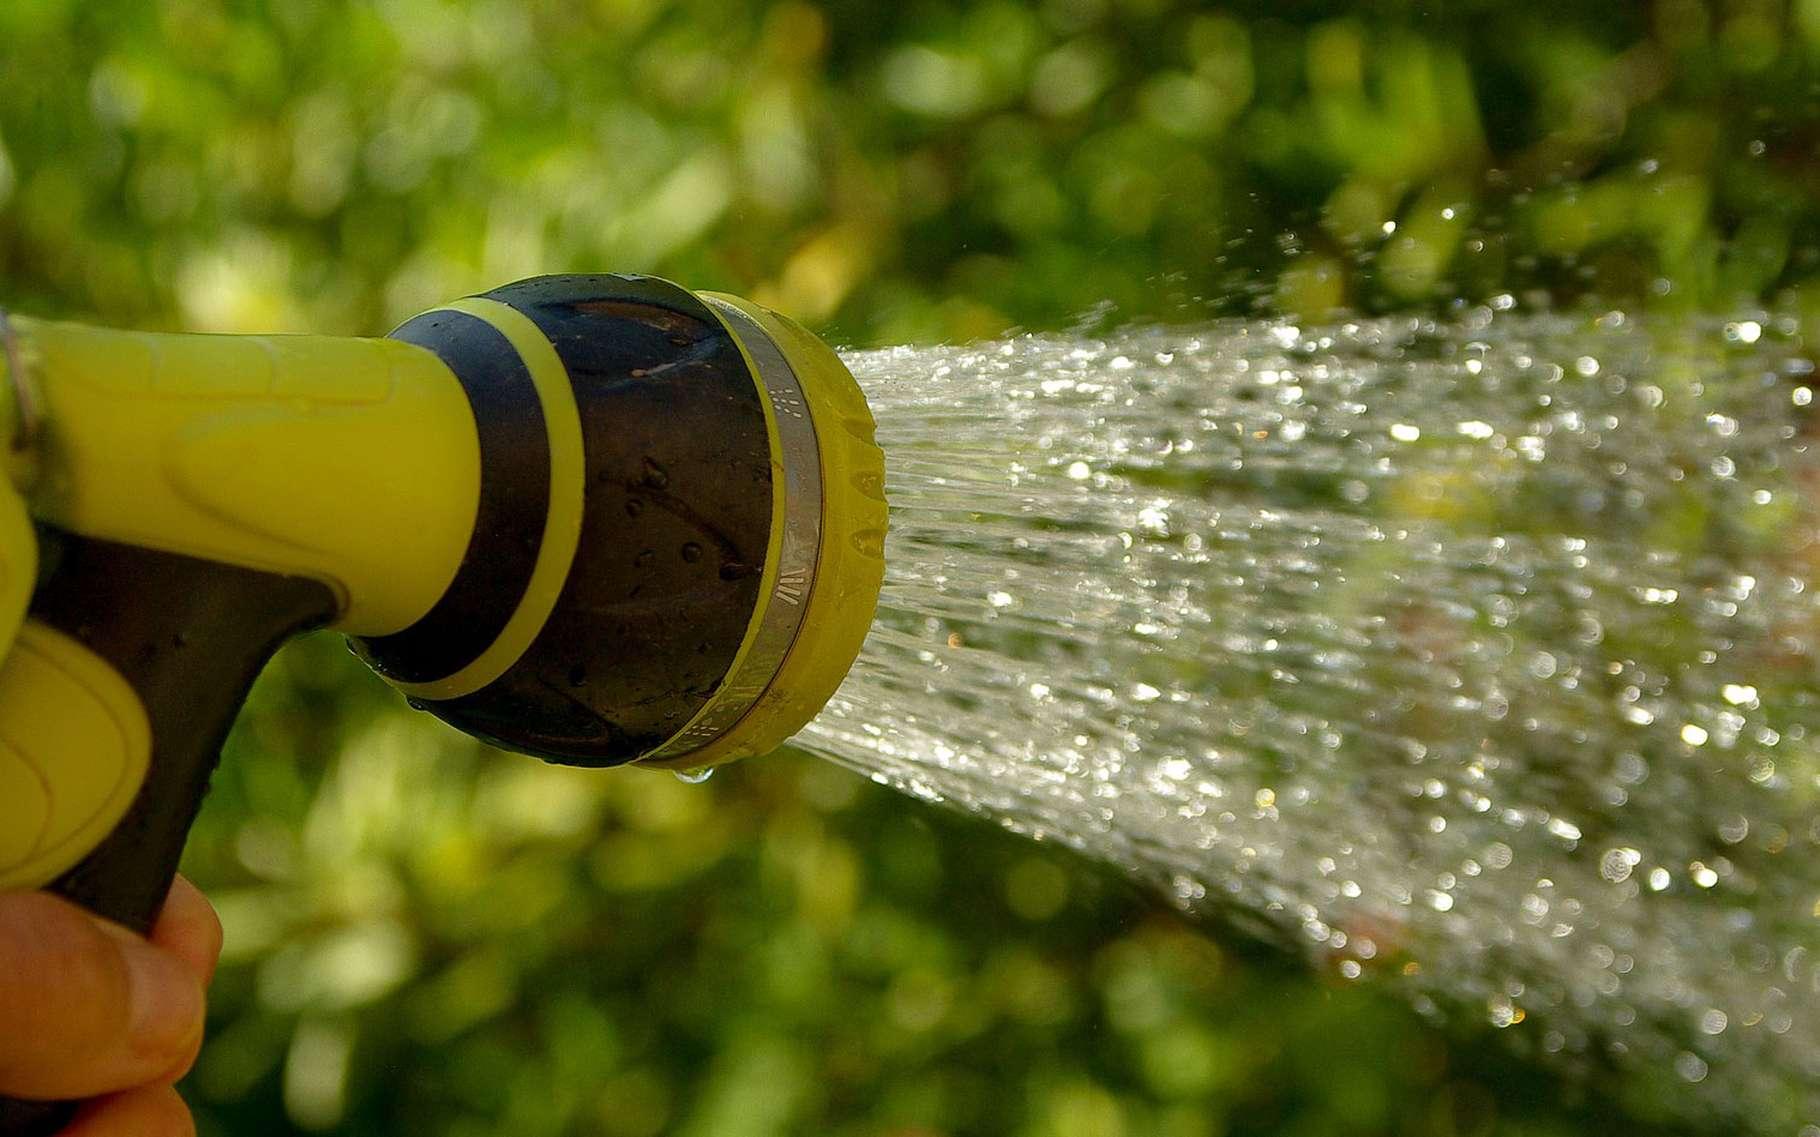 Comment économiser de l'eau en été pour vos cultures ? © JackMac34, Pixabay, DP